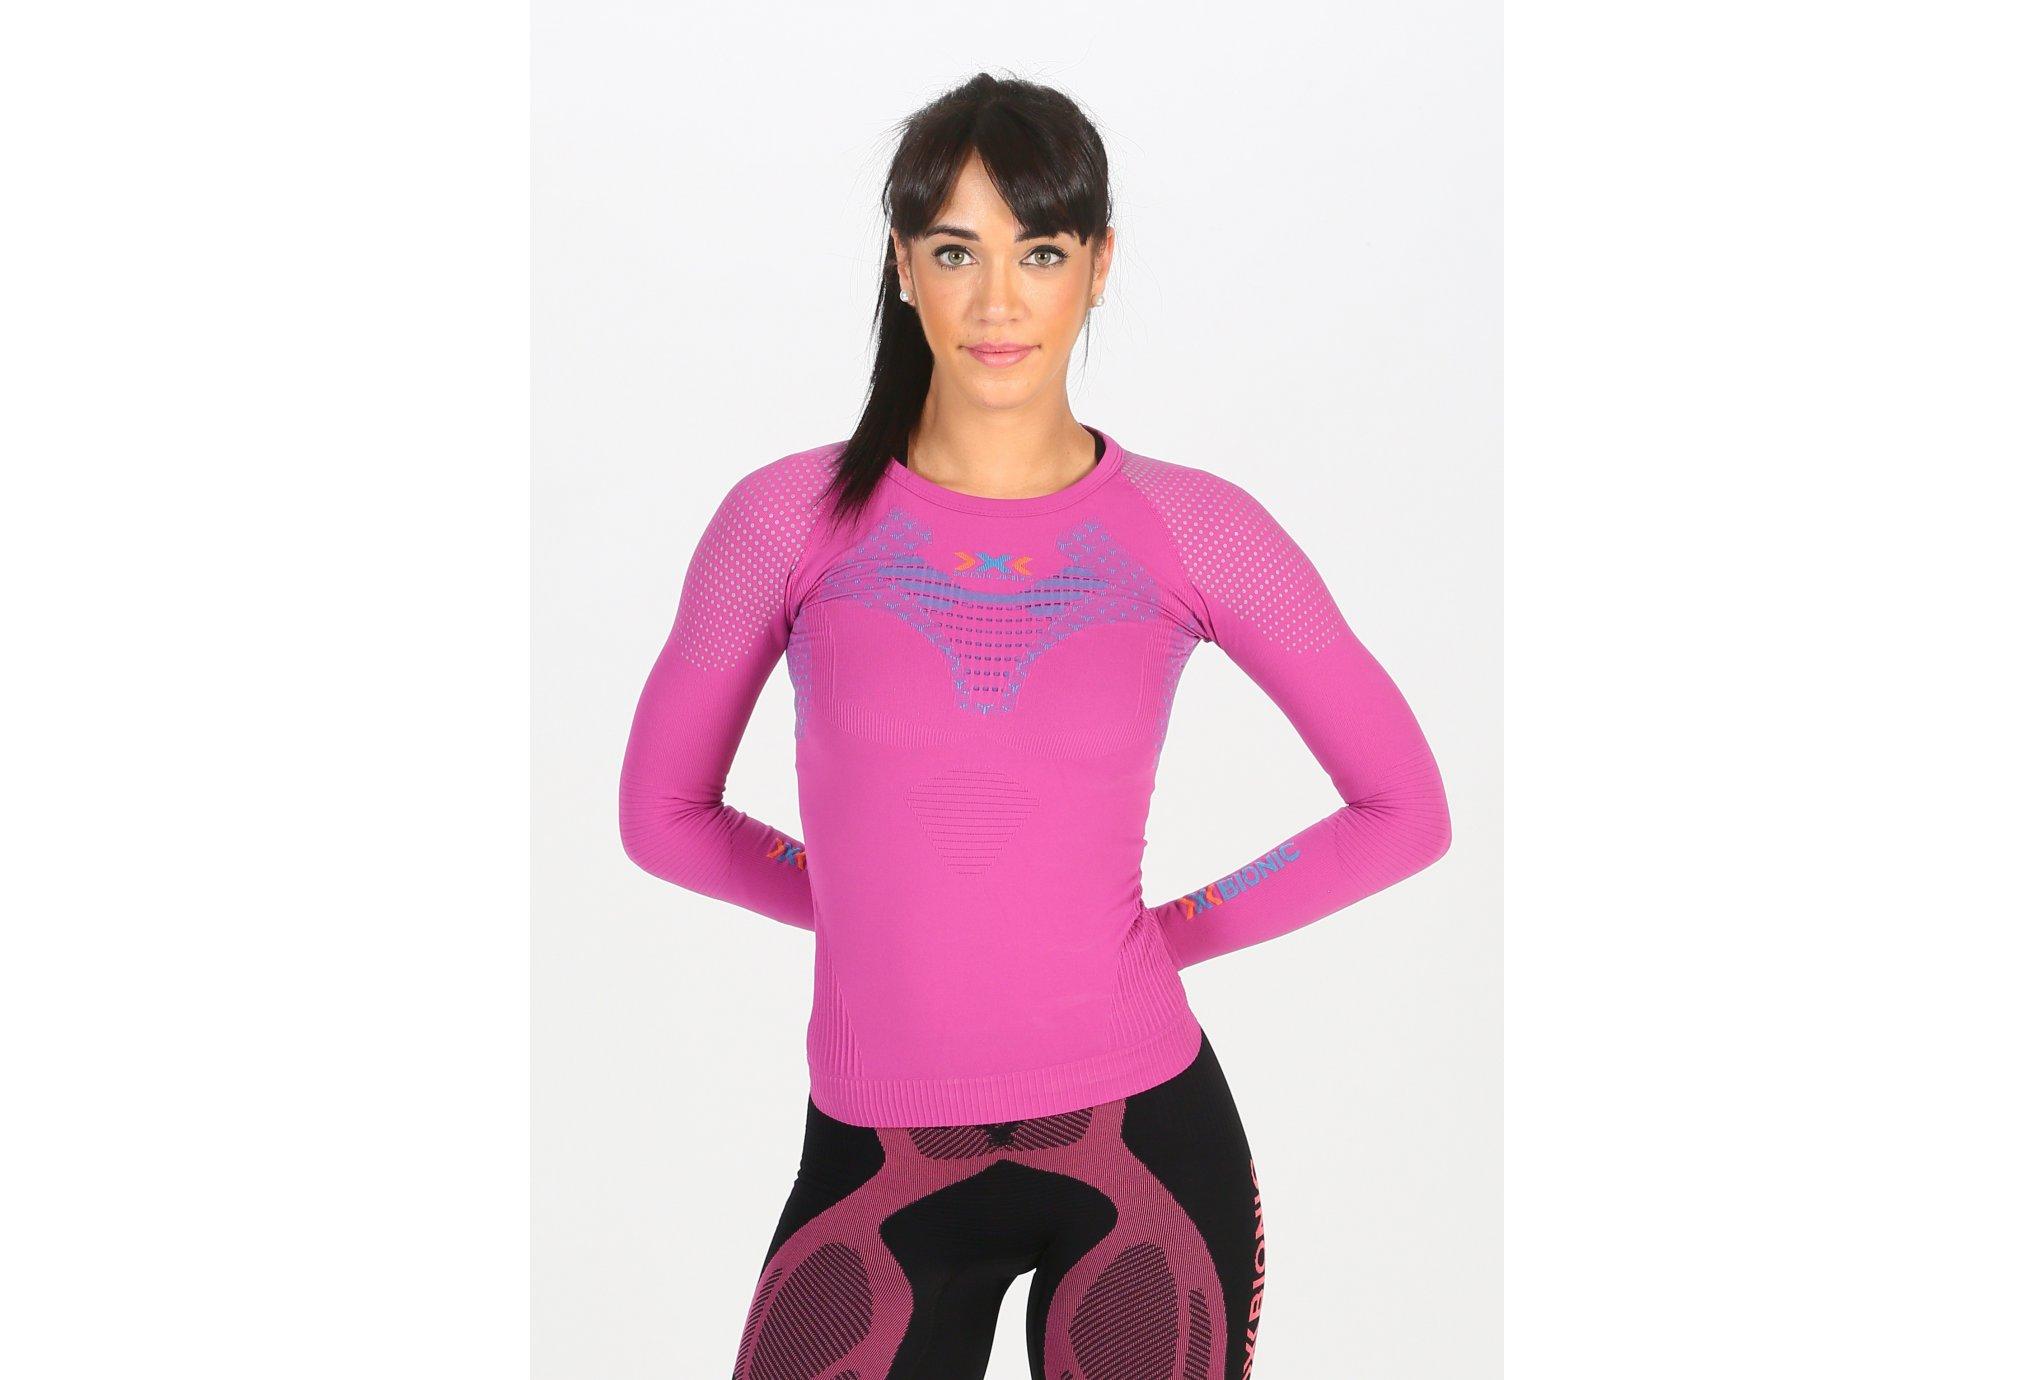 X-Bionic Twyce Run W Diététique Vêtements femme